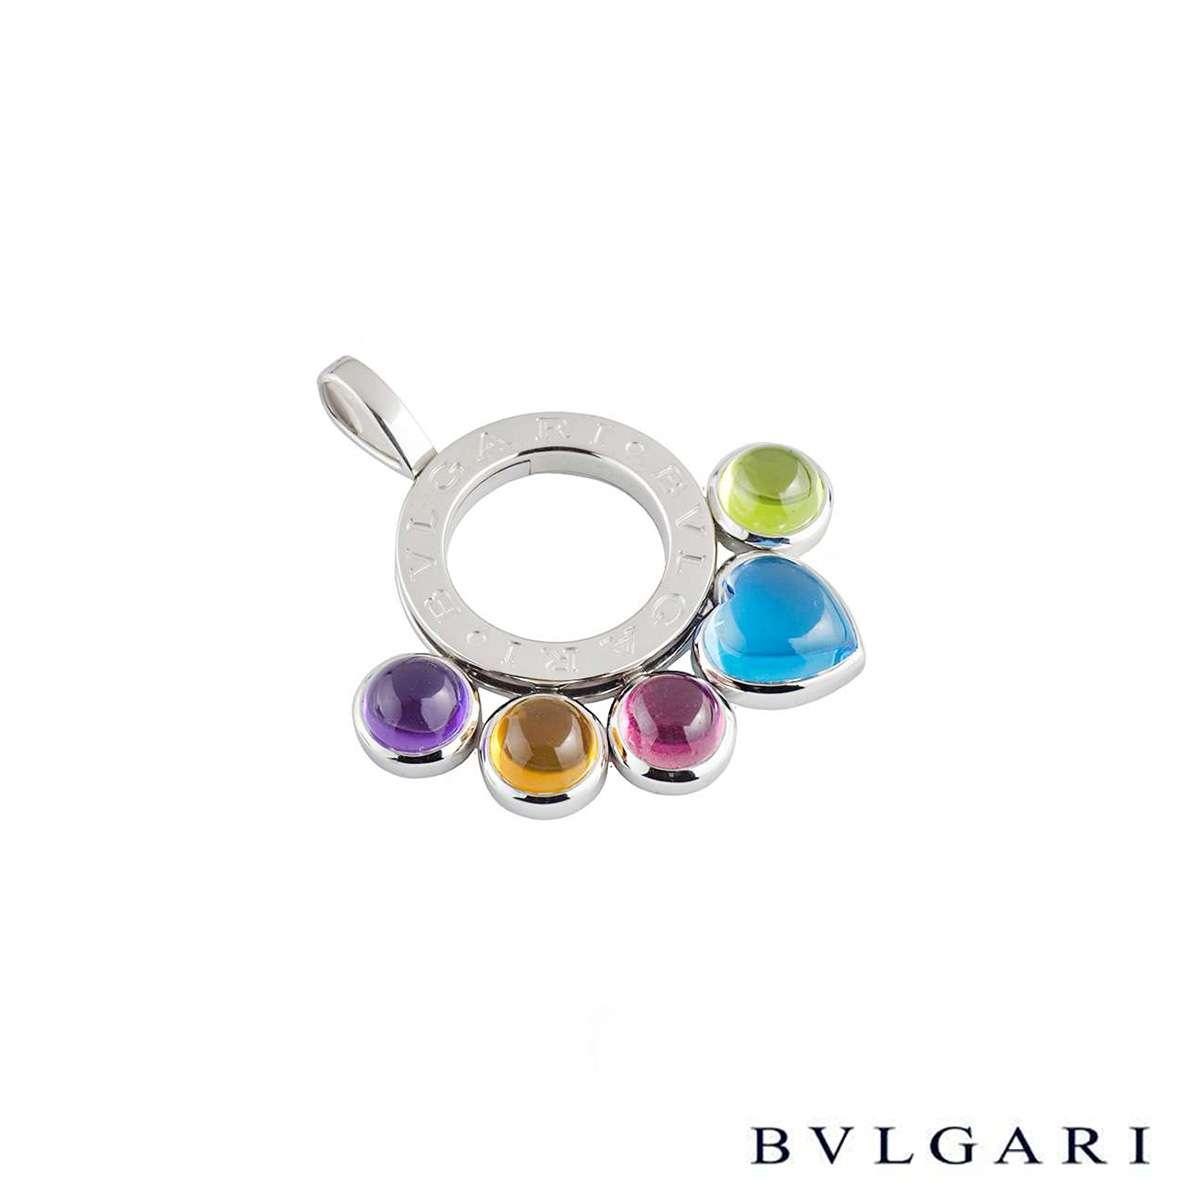 Bvlgari White Gold Allegra Pendant